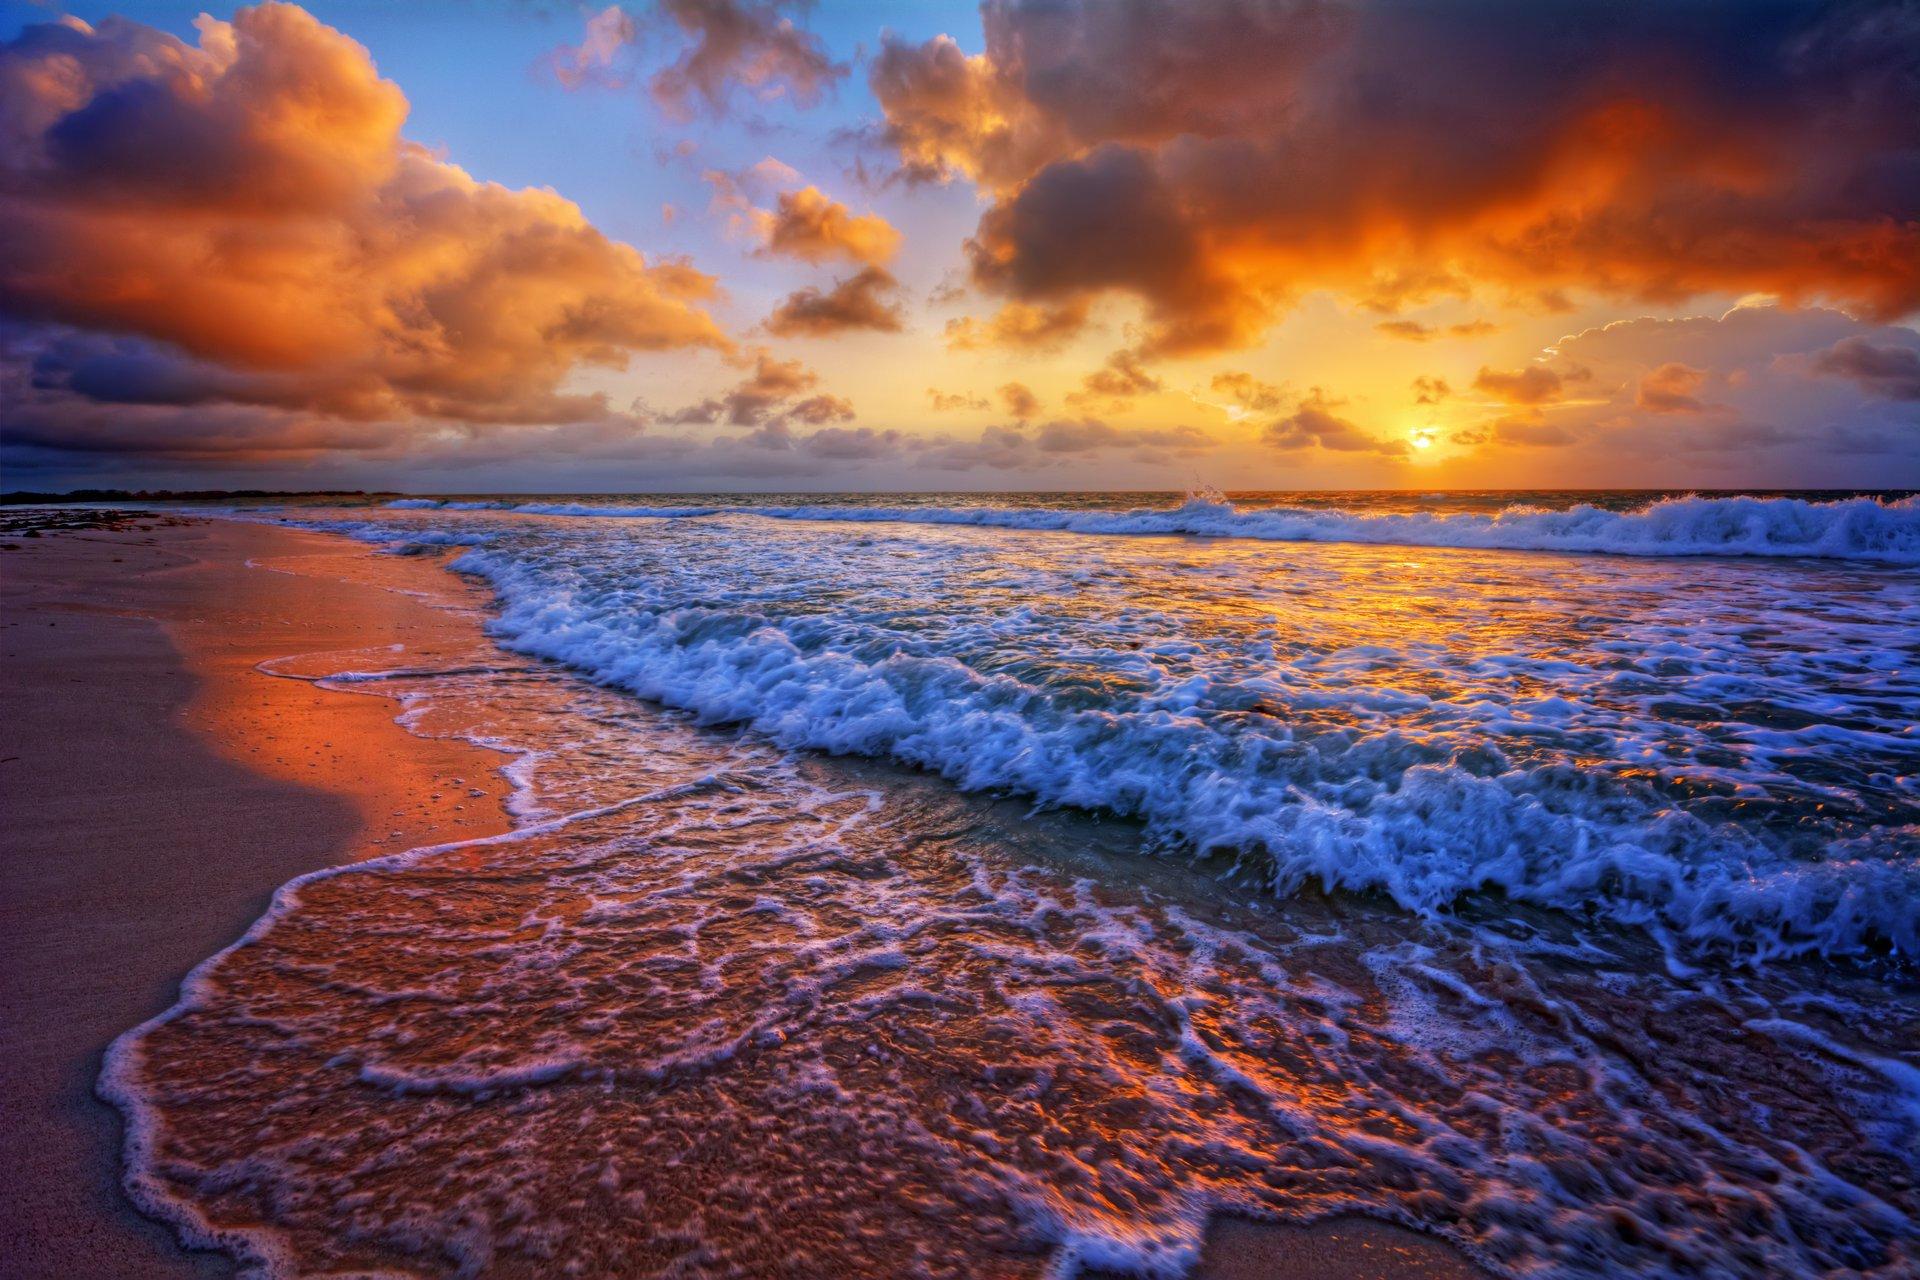 бог красивые фото море закат для фейсбук солнце нас